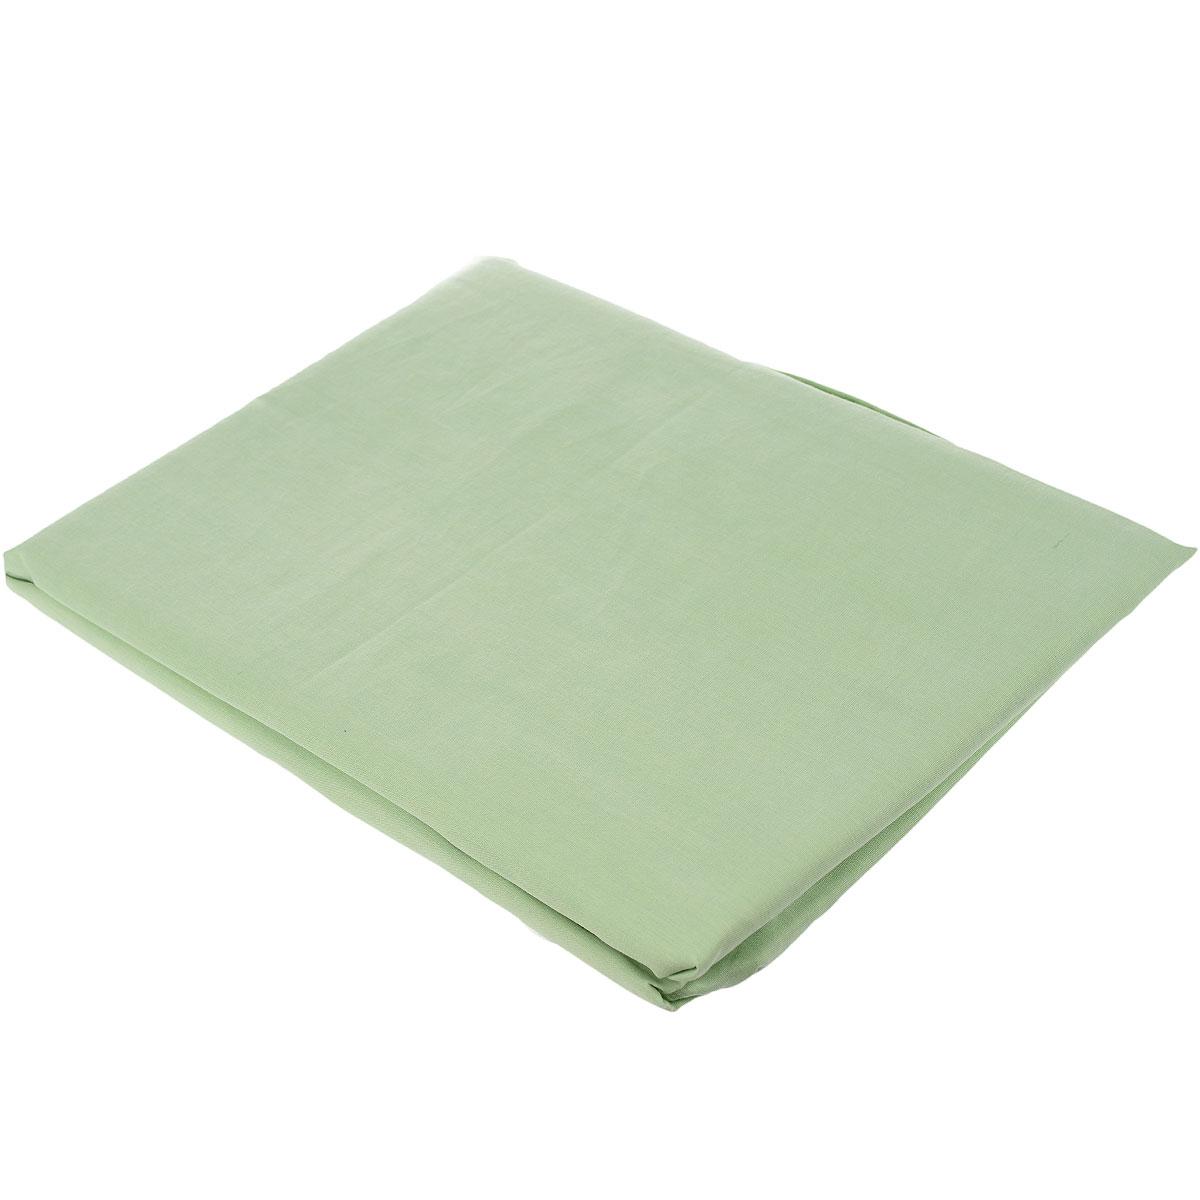 Простыня на резинке Style, цвет: зеленый, 180 см х 200 см. 114911407PANTERA SPX-2RSОднотонная простыня Style изготовлена из натурального хлопка абсолютно безопасна даже для самых маленьких членов семьи. Она обладает высокой плотностью, необычайной мягкостью и шелковистостью. Простыня из такого хлопка выдержит большое количество стирок и не потеряет цвет.Выбрав простыню нужной вам расцветки, вы можете легко комбинировать ее с различным постельным бельем.